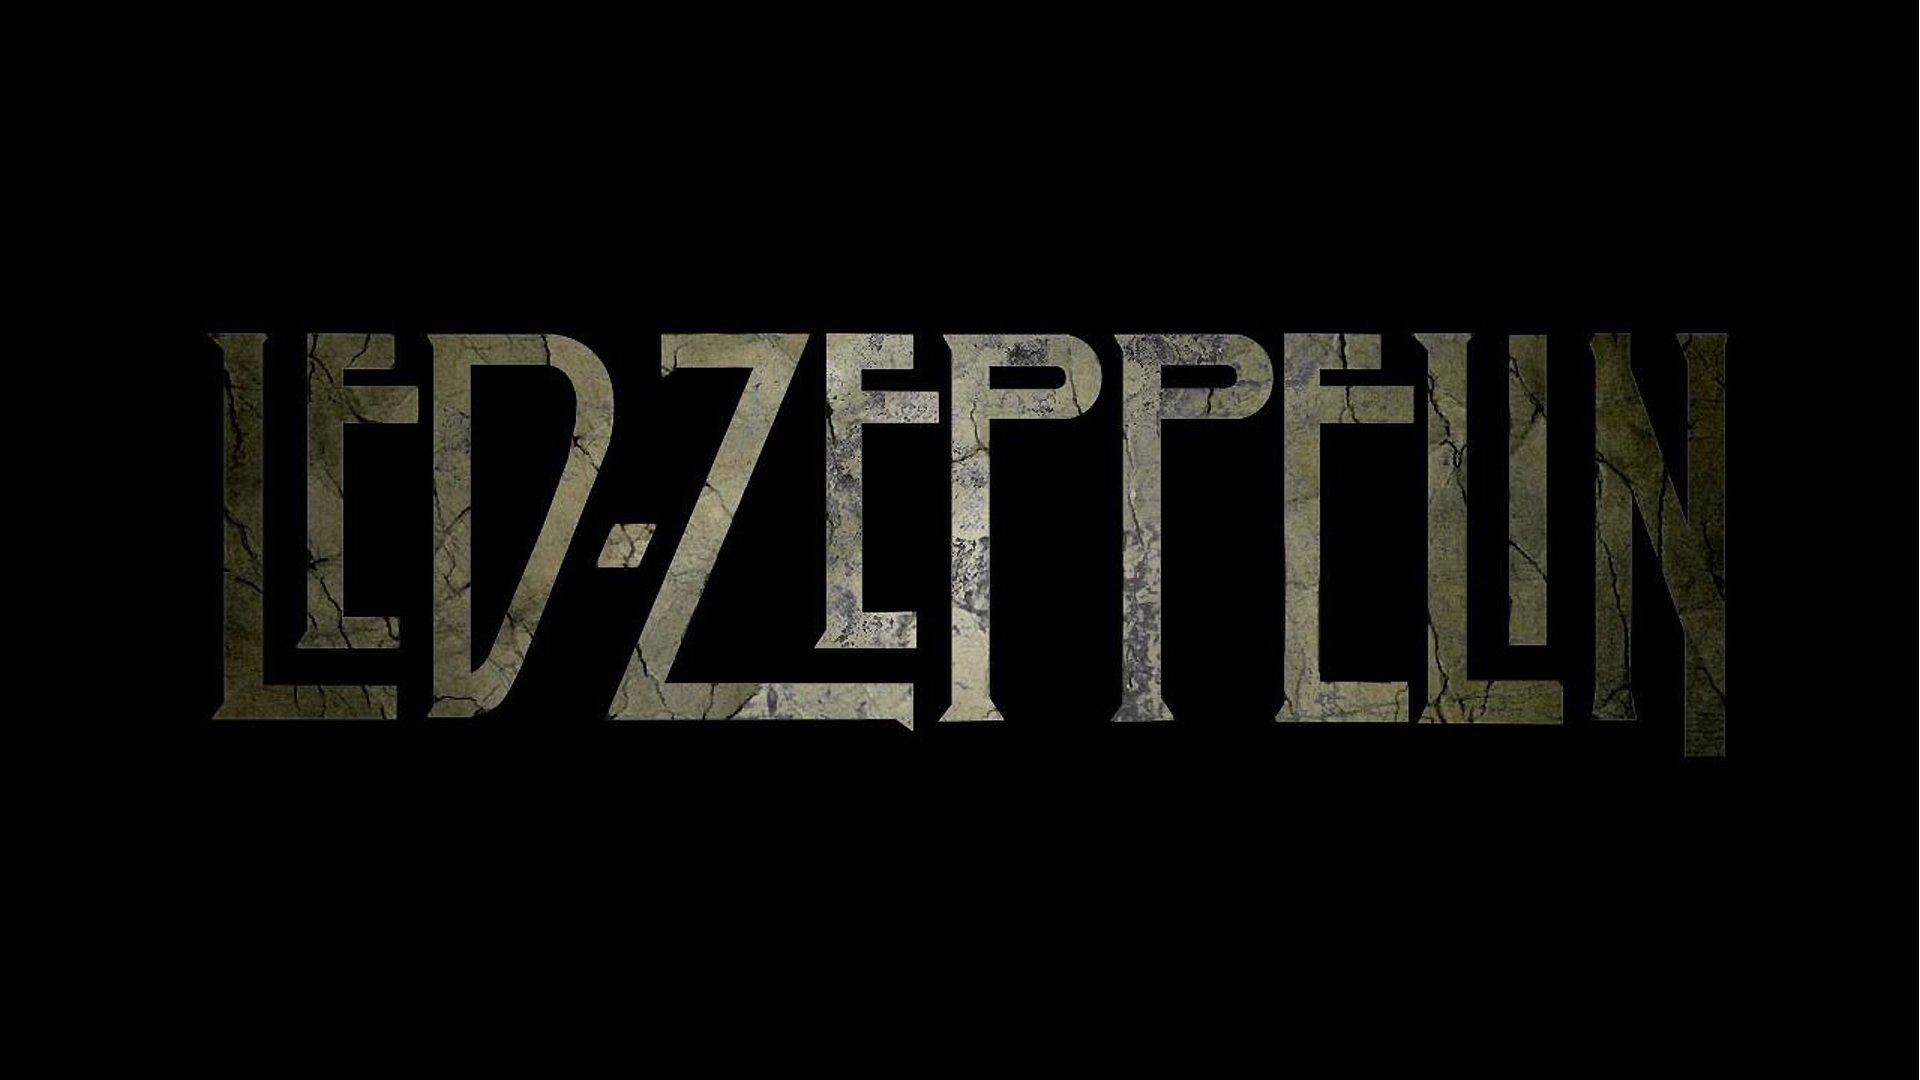 Led Zeppelin HD Wallpaper